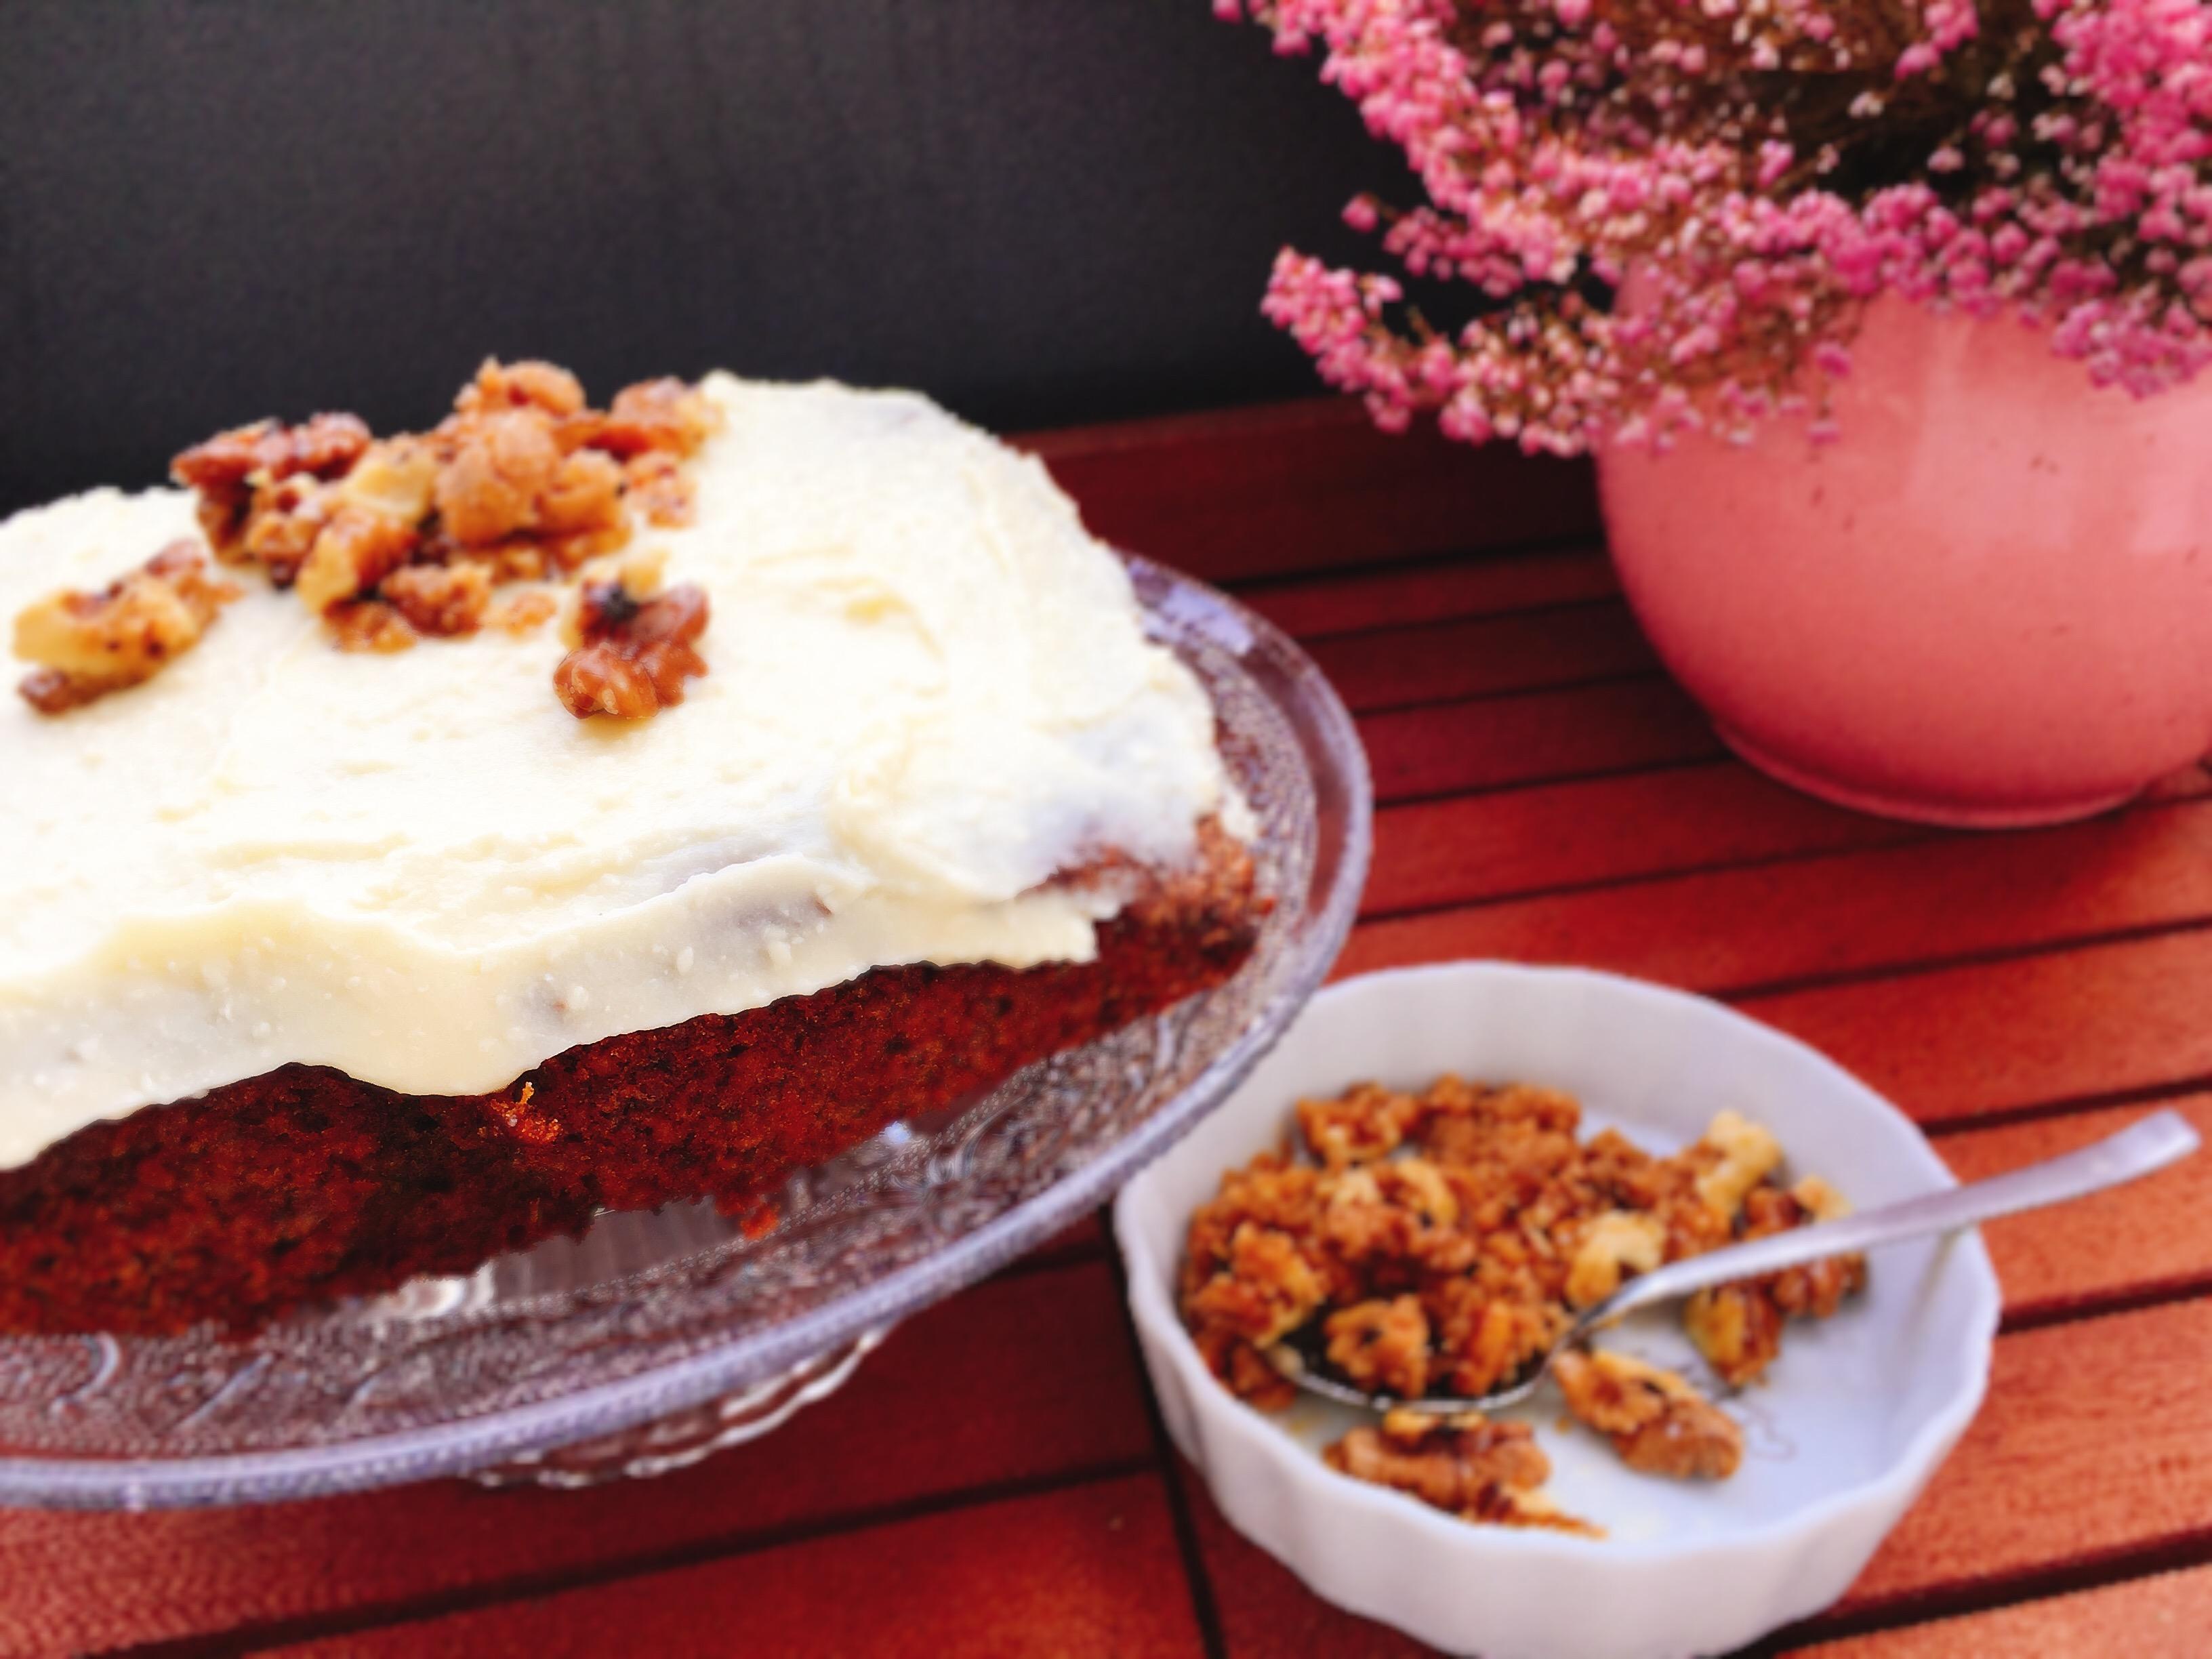 Carrotcake Rublikuchen Mohrenkuchen Oder Oder Oder Sommermensch